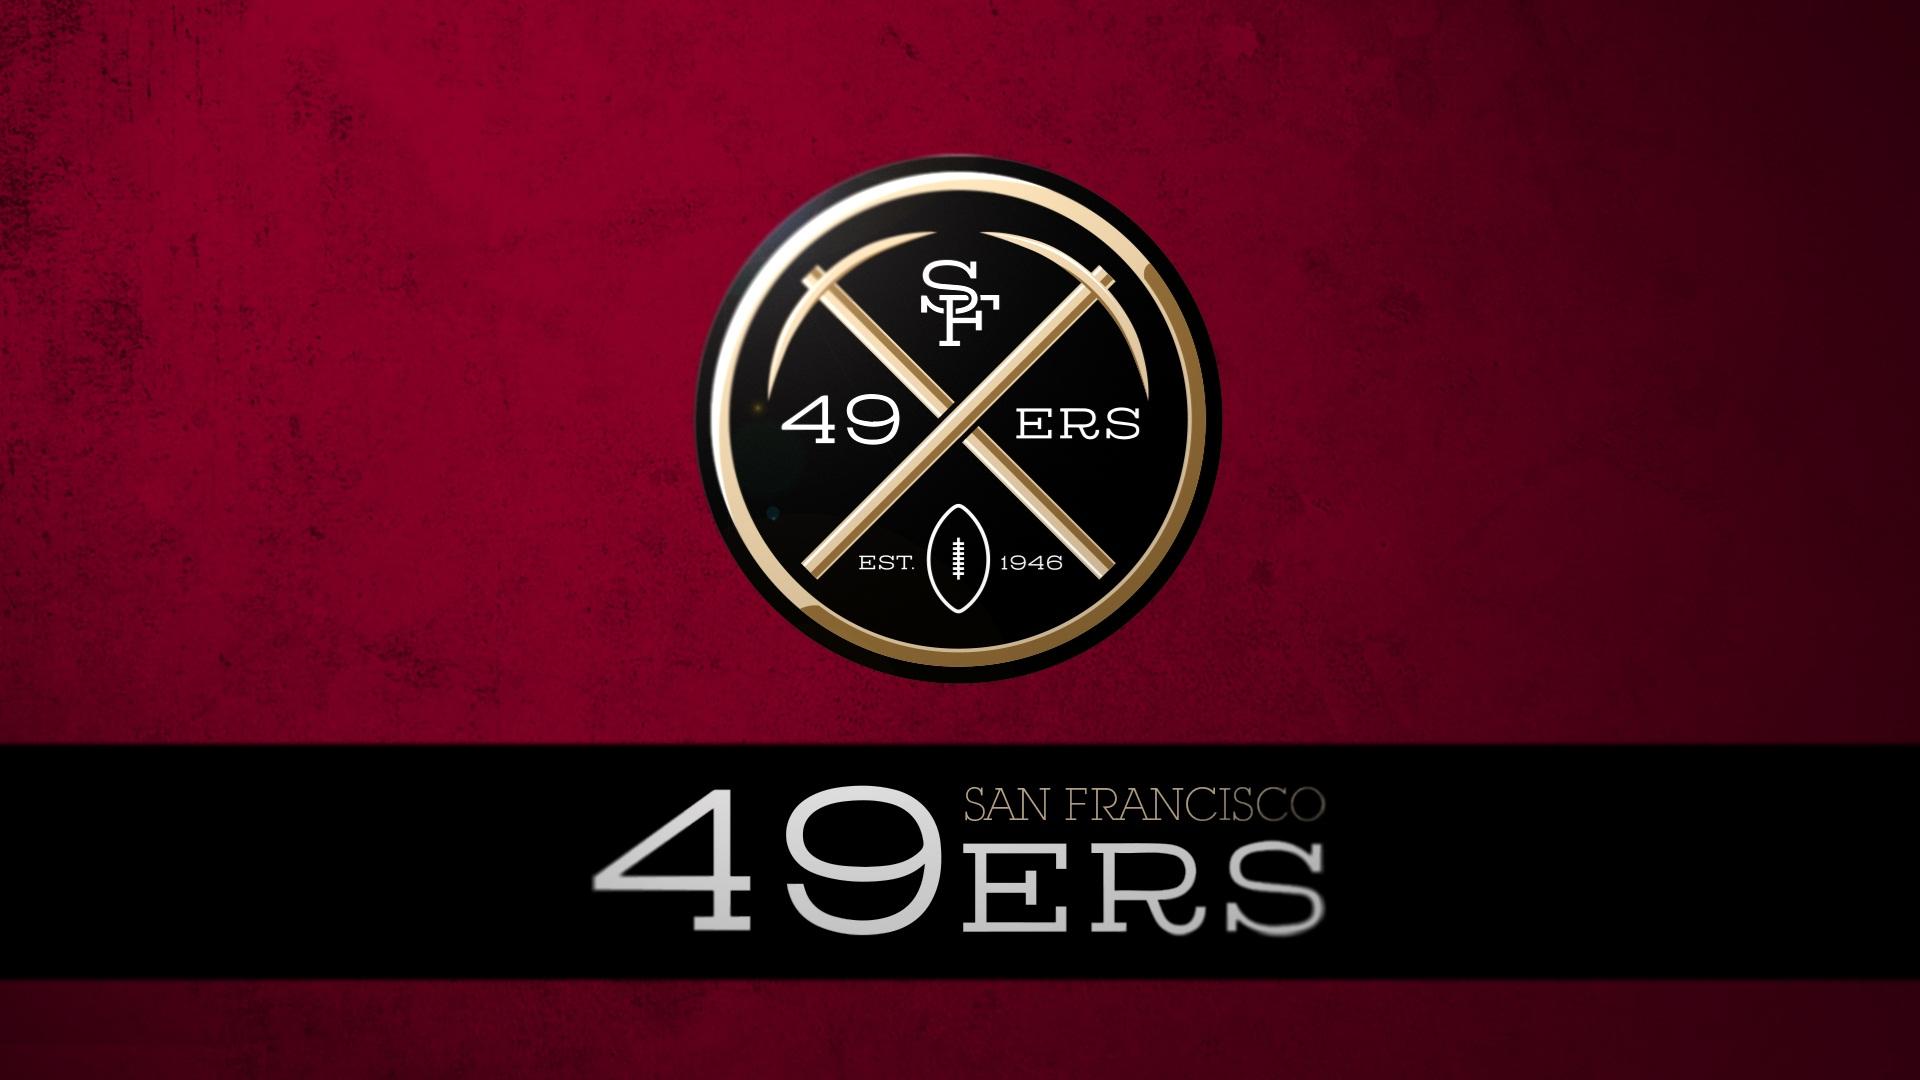 fantastic 49ers wallpaper 41229